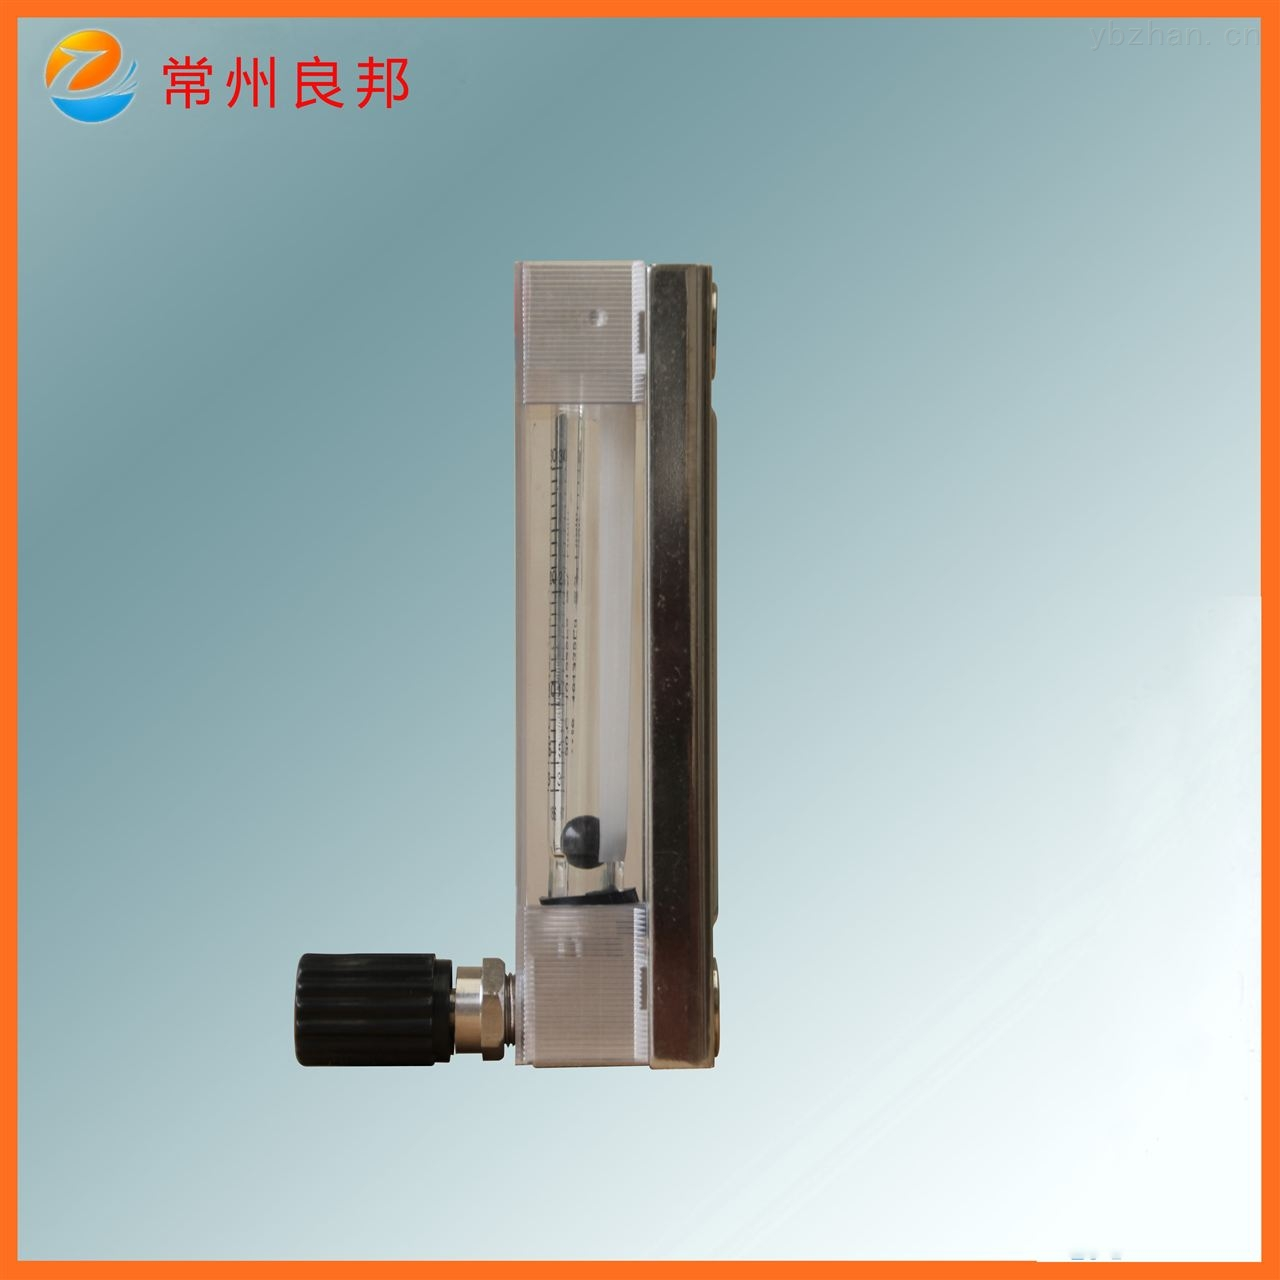 DK800-6F-臭氧玻璃轉子流量計 耐腐蝕